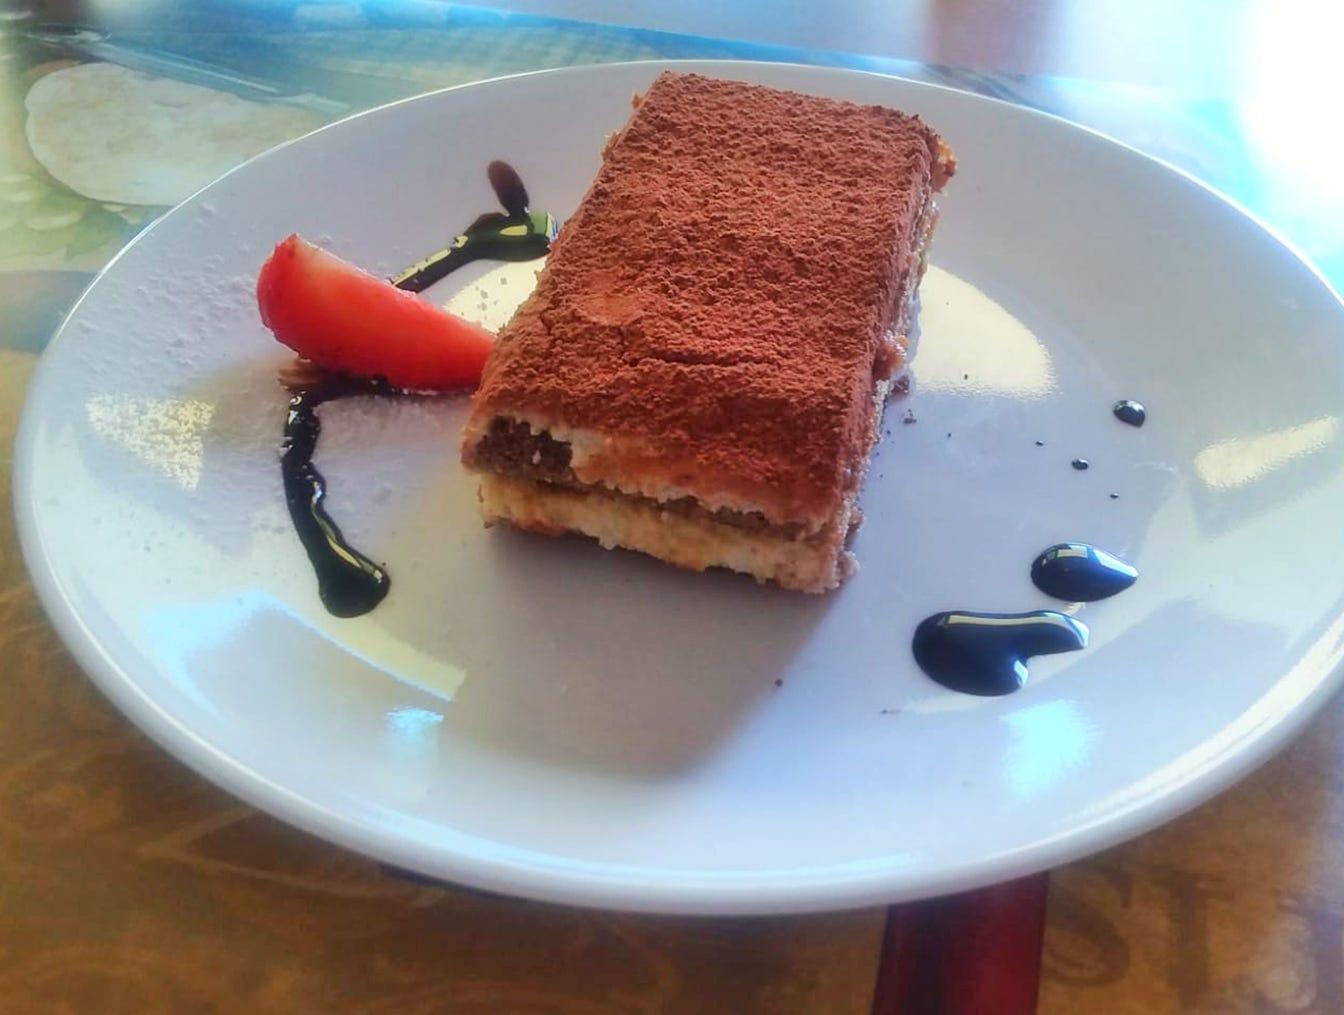 Desserts include tiramisu at the new Sicilia Bar, Pizza & Pub on Bayshore Drive in East Naples.